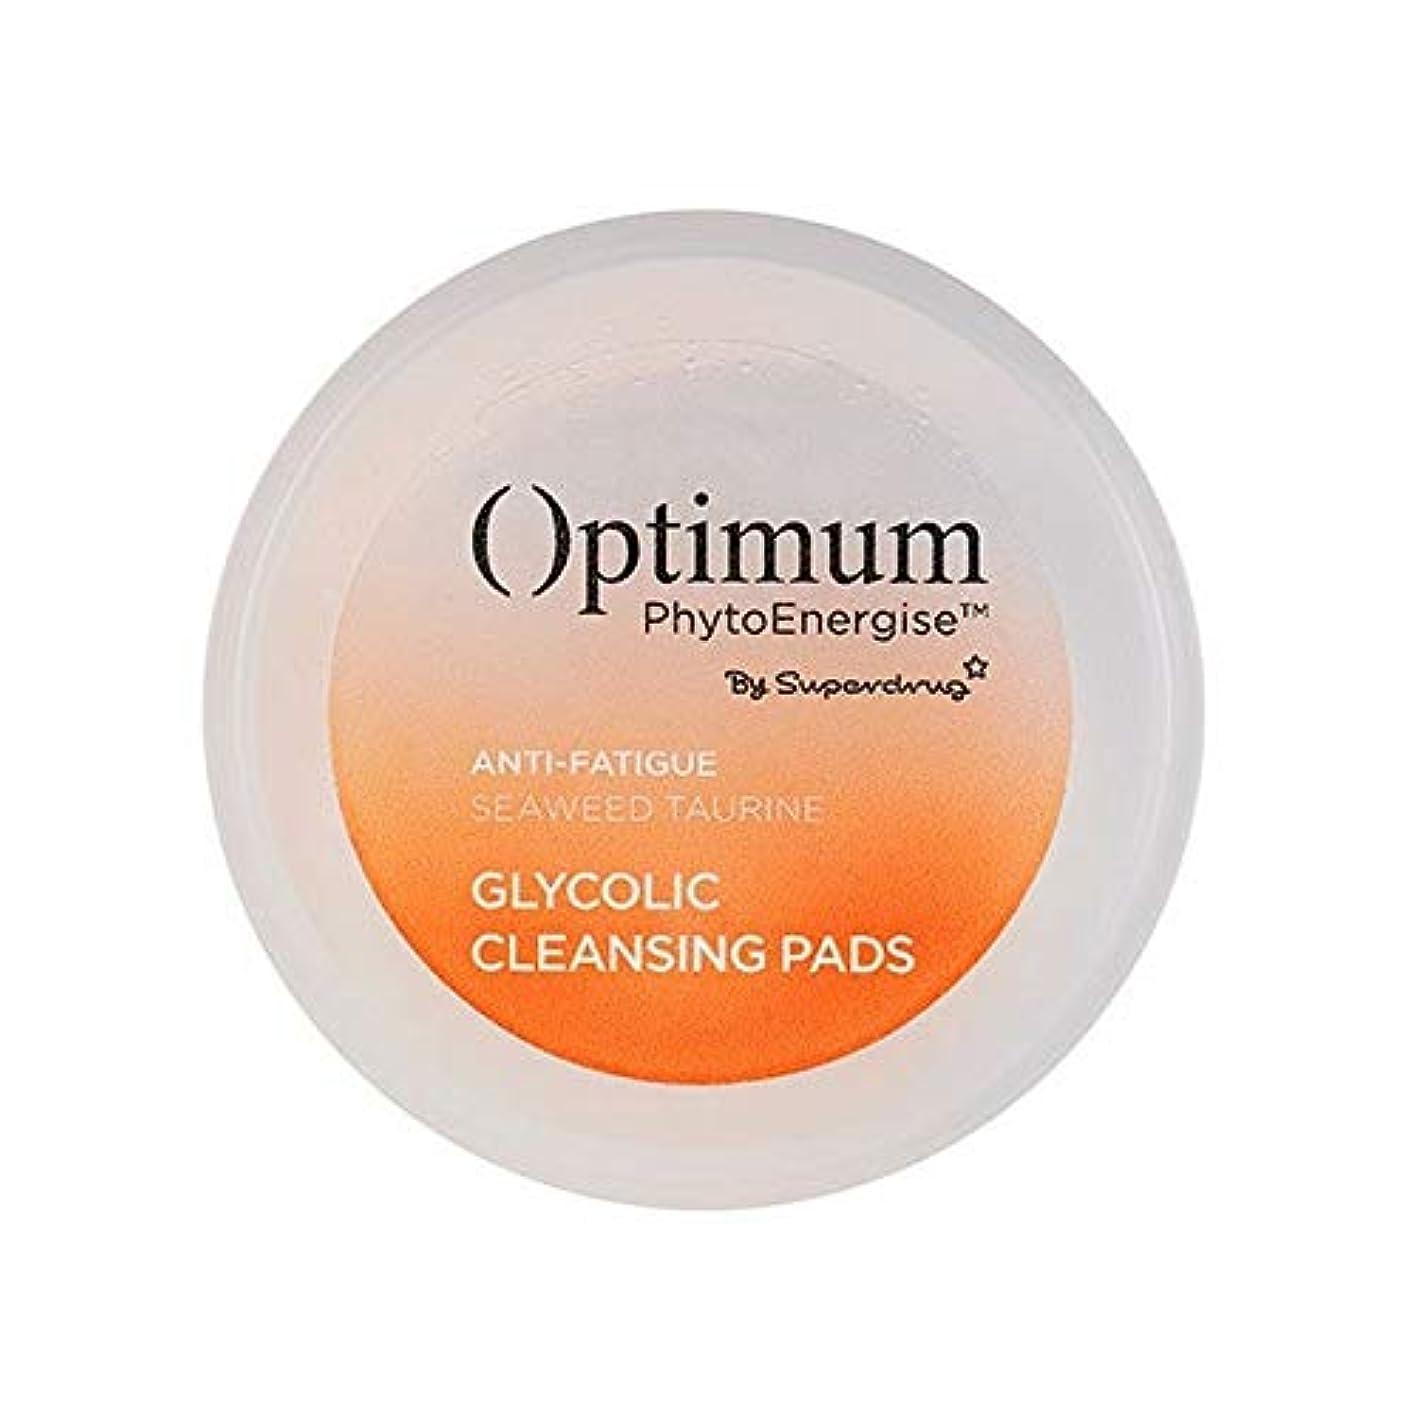 ゼリー追放する豆[Optimum ] 最適Phytoenergiseグリコールクレンジングパッド - Optimum PhytoEnergise Glycolic Cleansing Pads [並行輸入品]